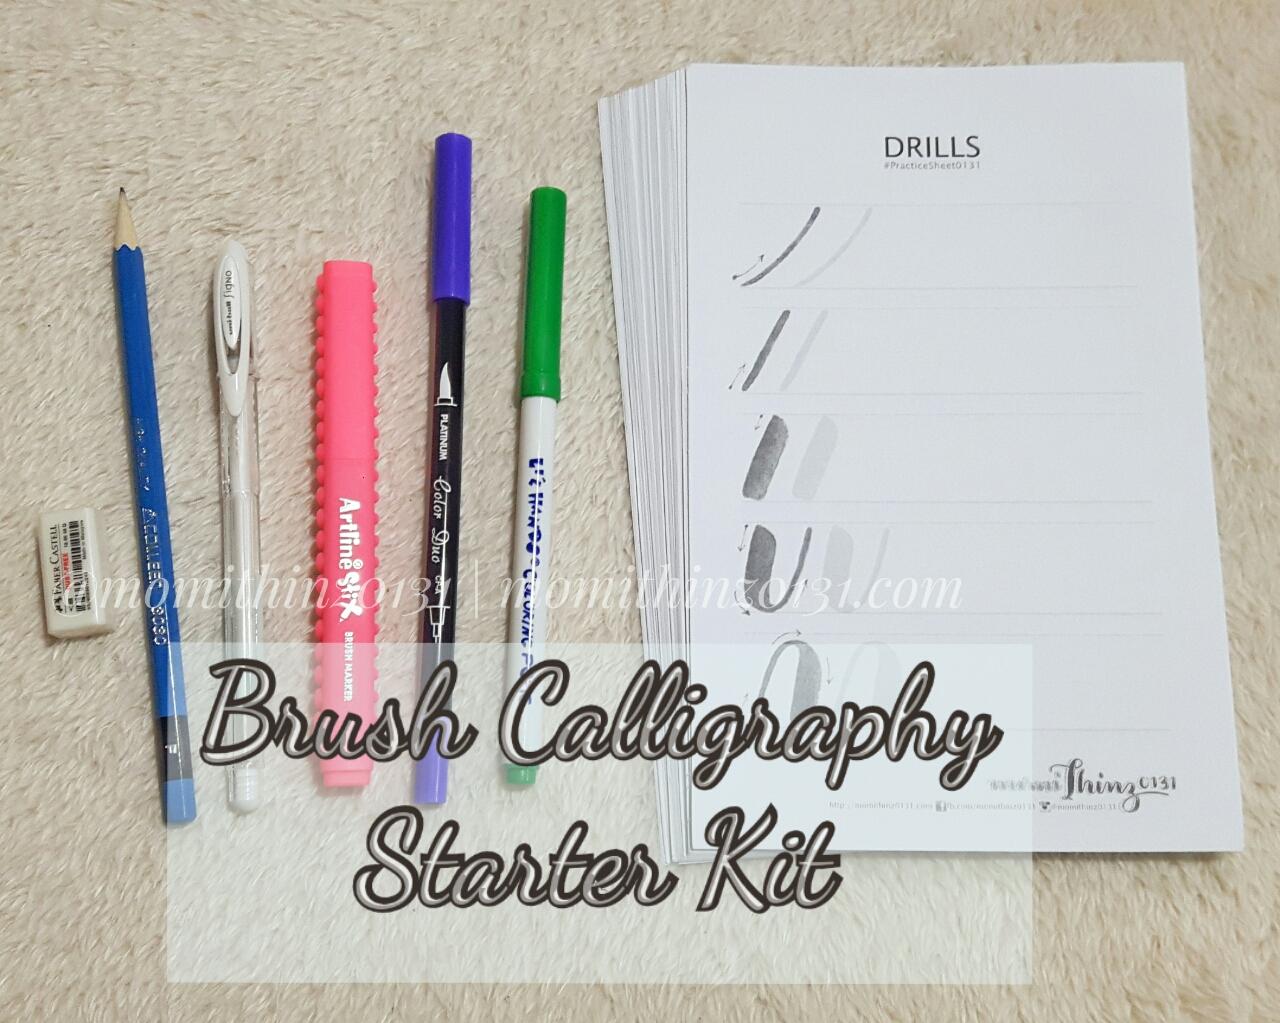 Momithinz0131: for sale : basic brush calligraphy starter kit